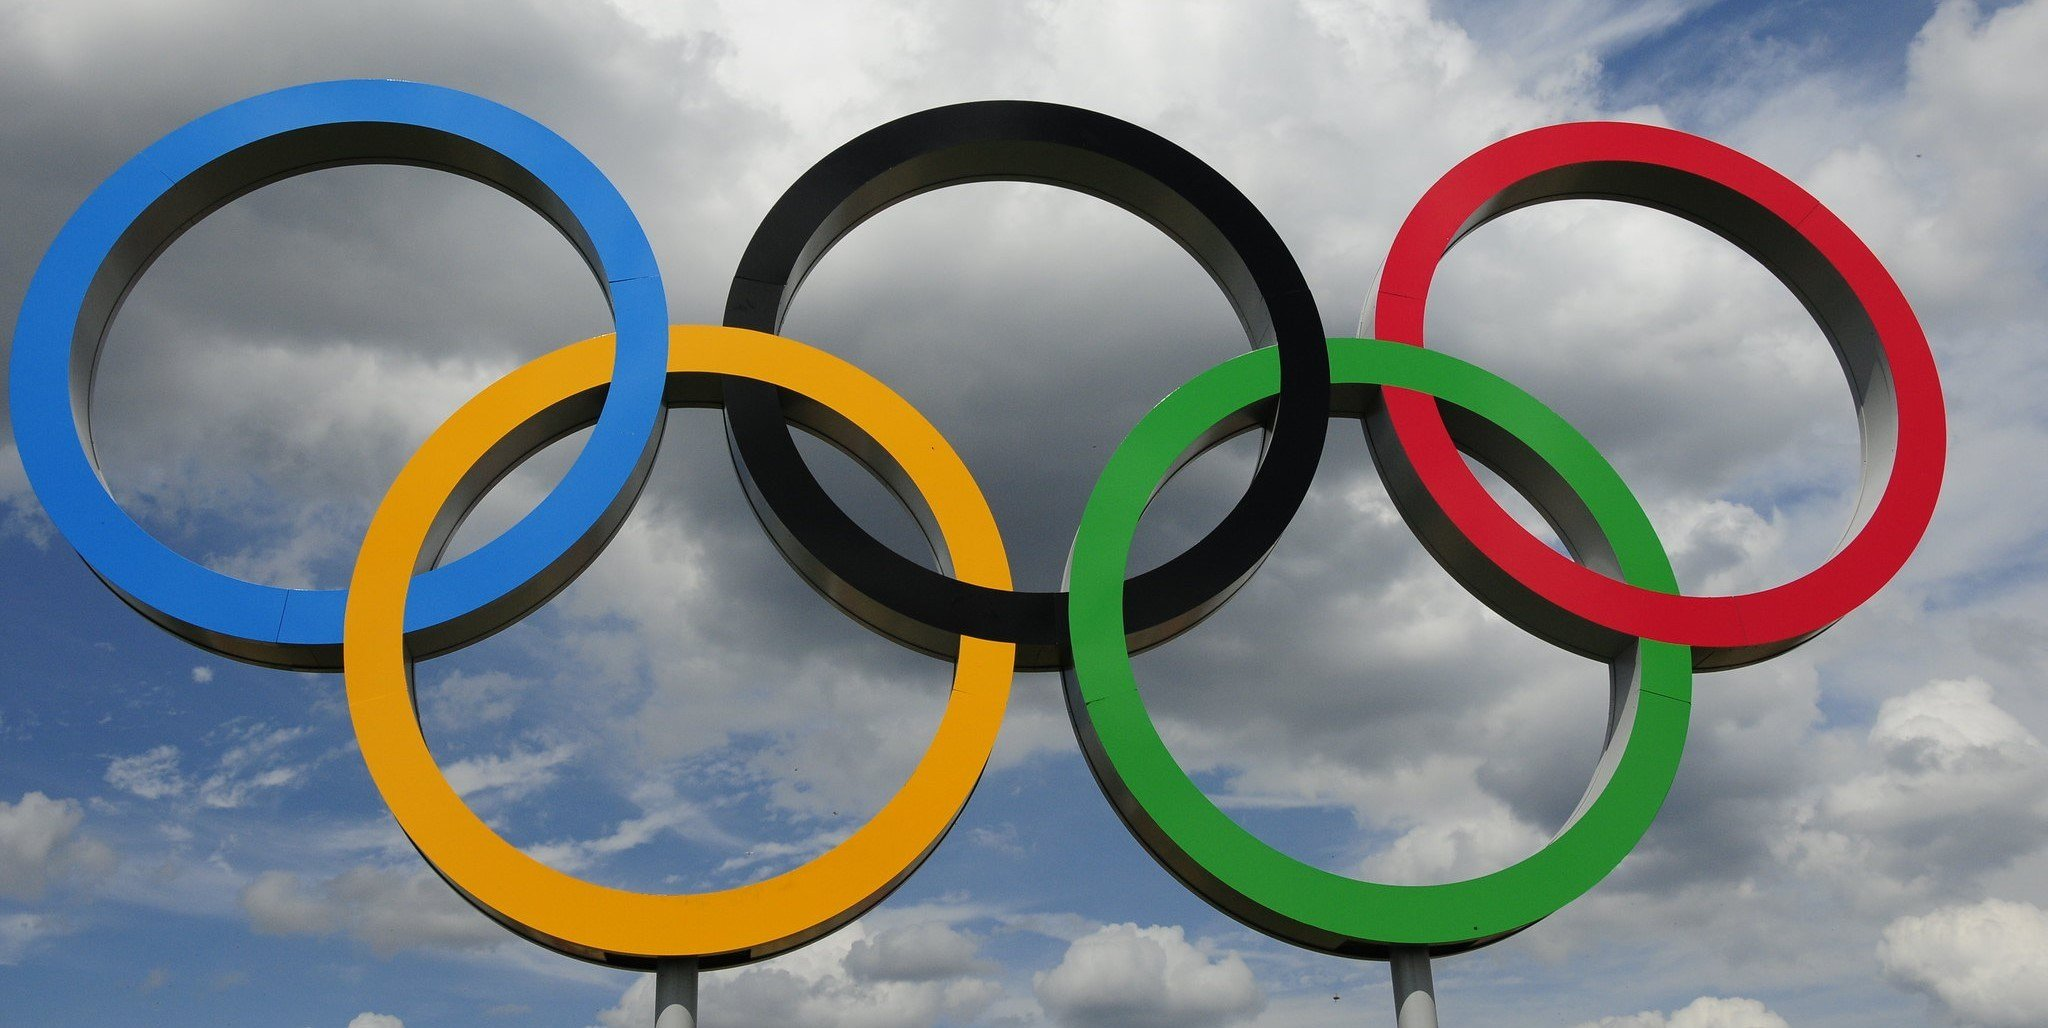 ¿Puedo aprender yo mismo sobre los levantamientos olímpicos?